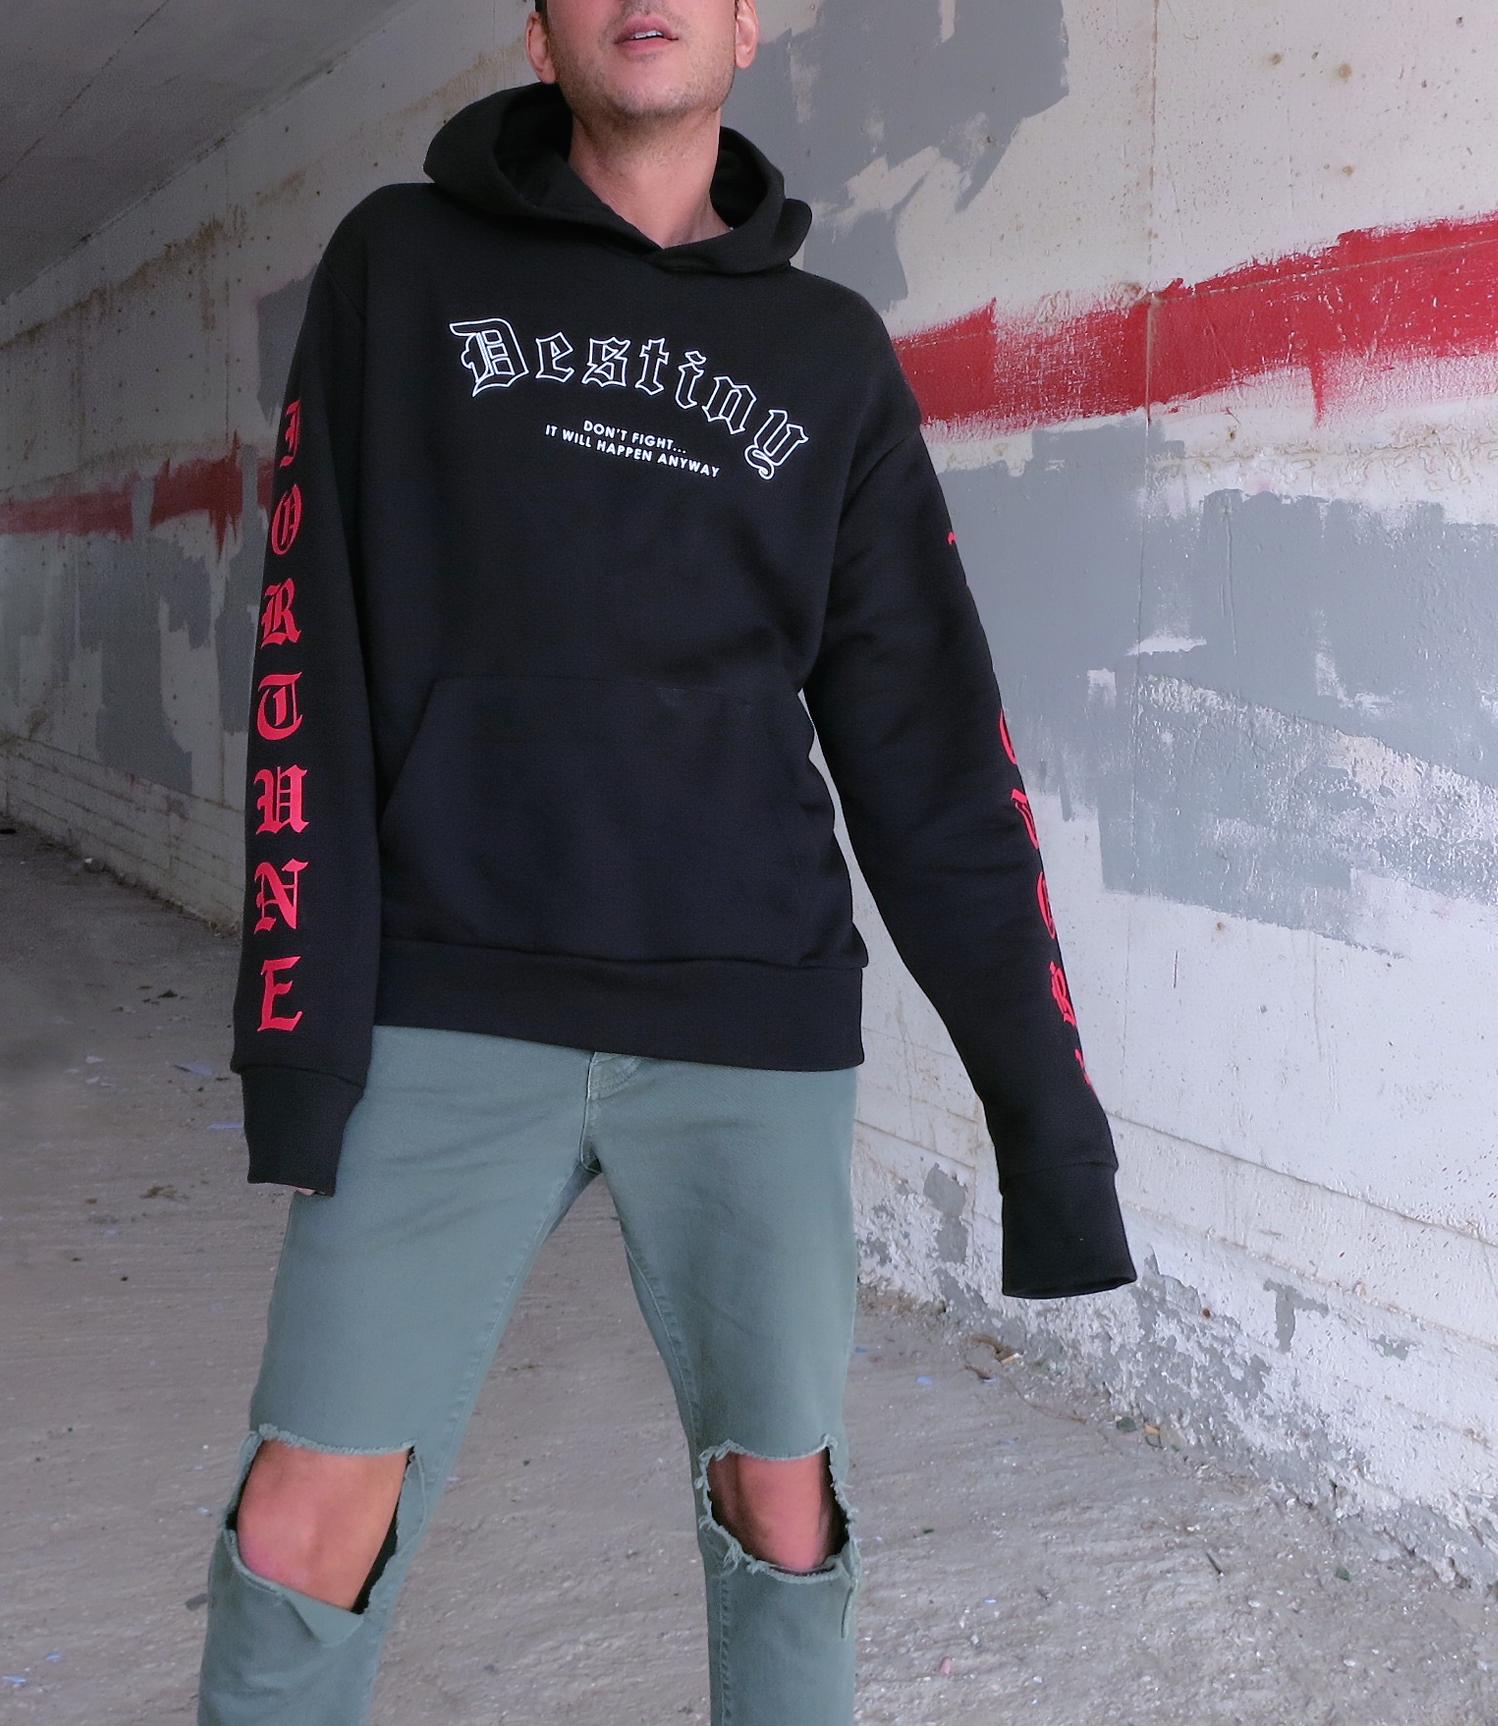 bershka_black_hoodie